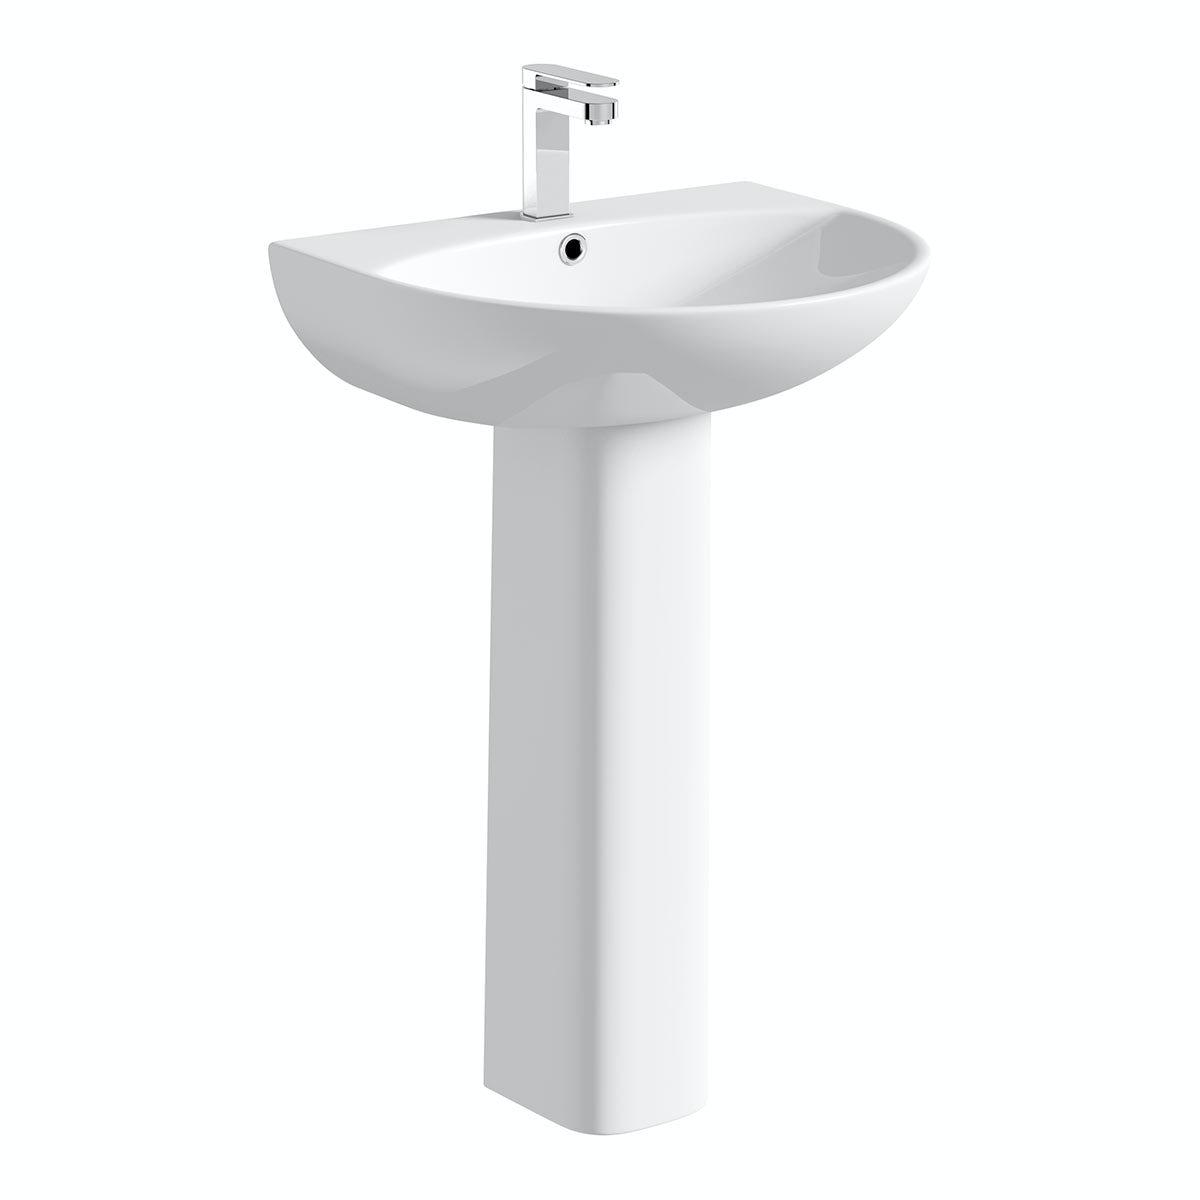 Orchard Derwent round 1 tap hole full pedestal basin 550mm